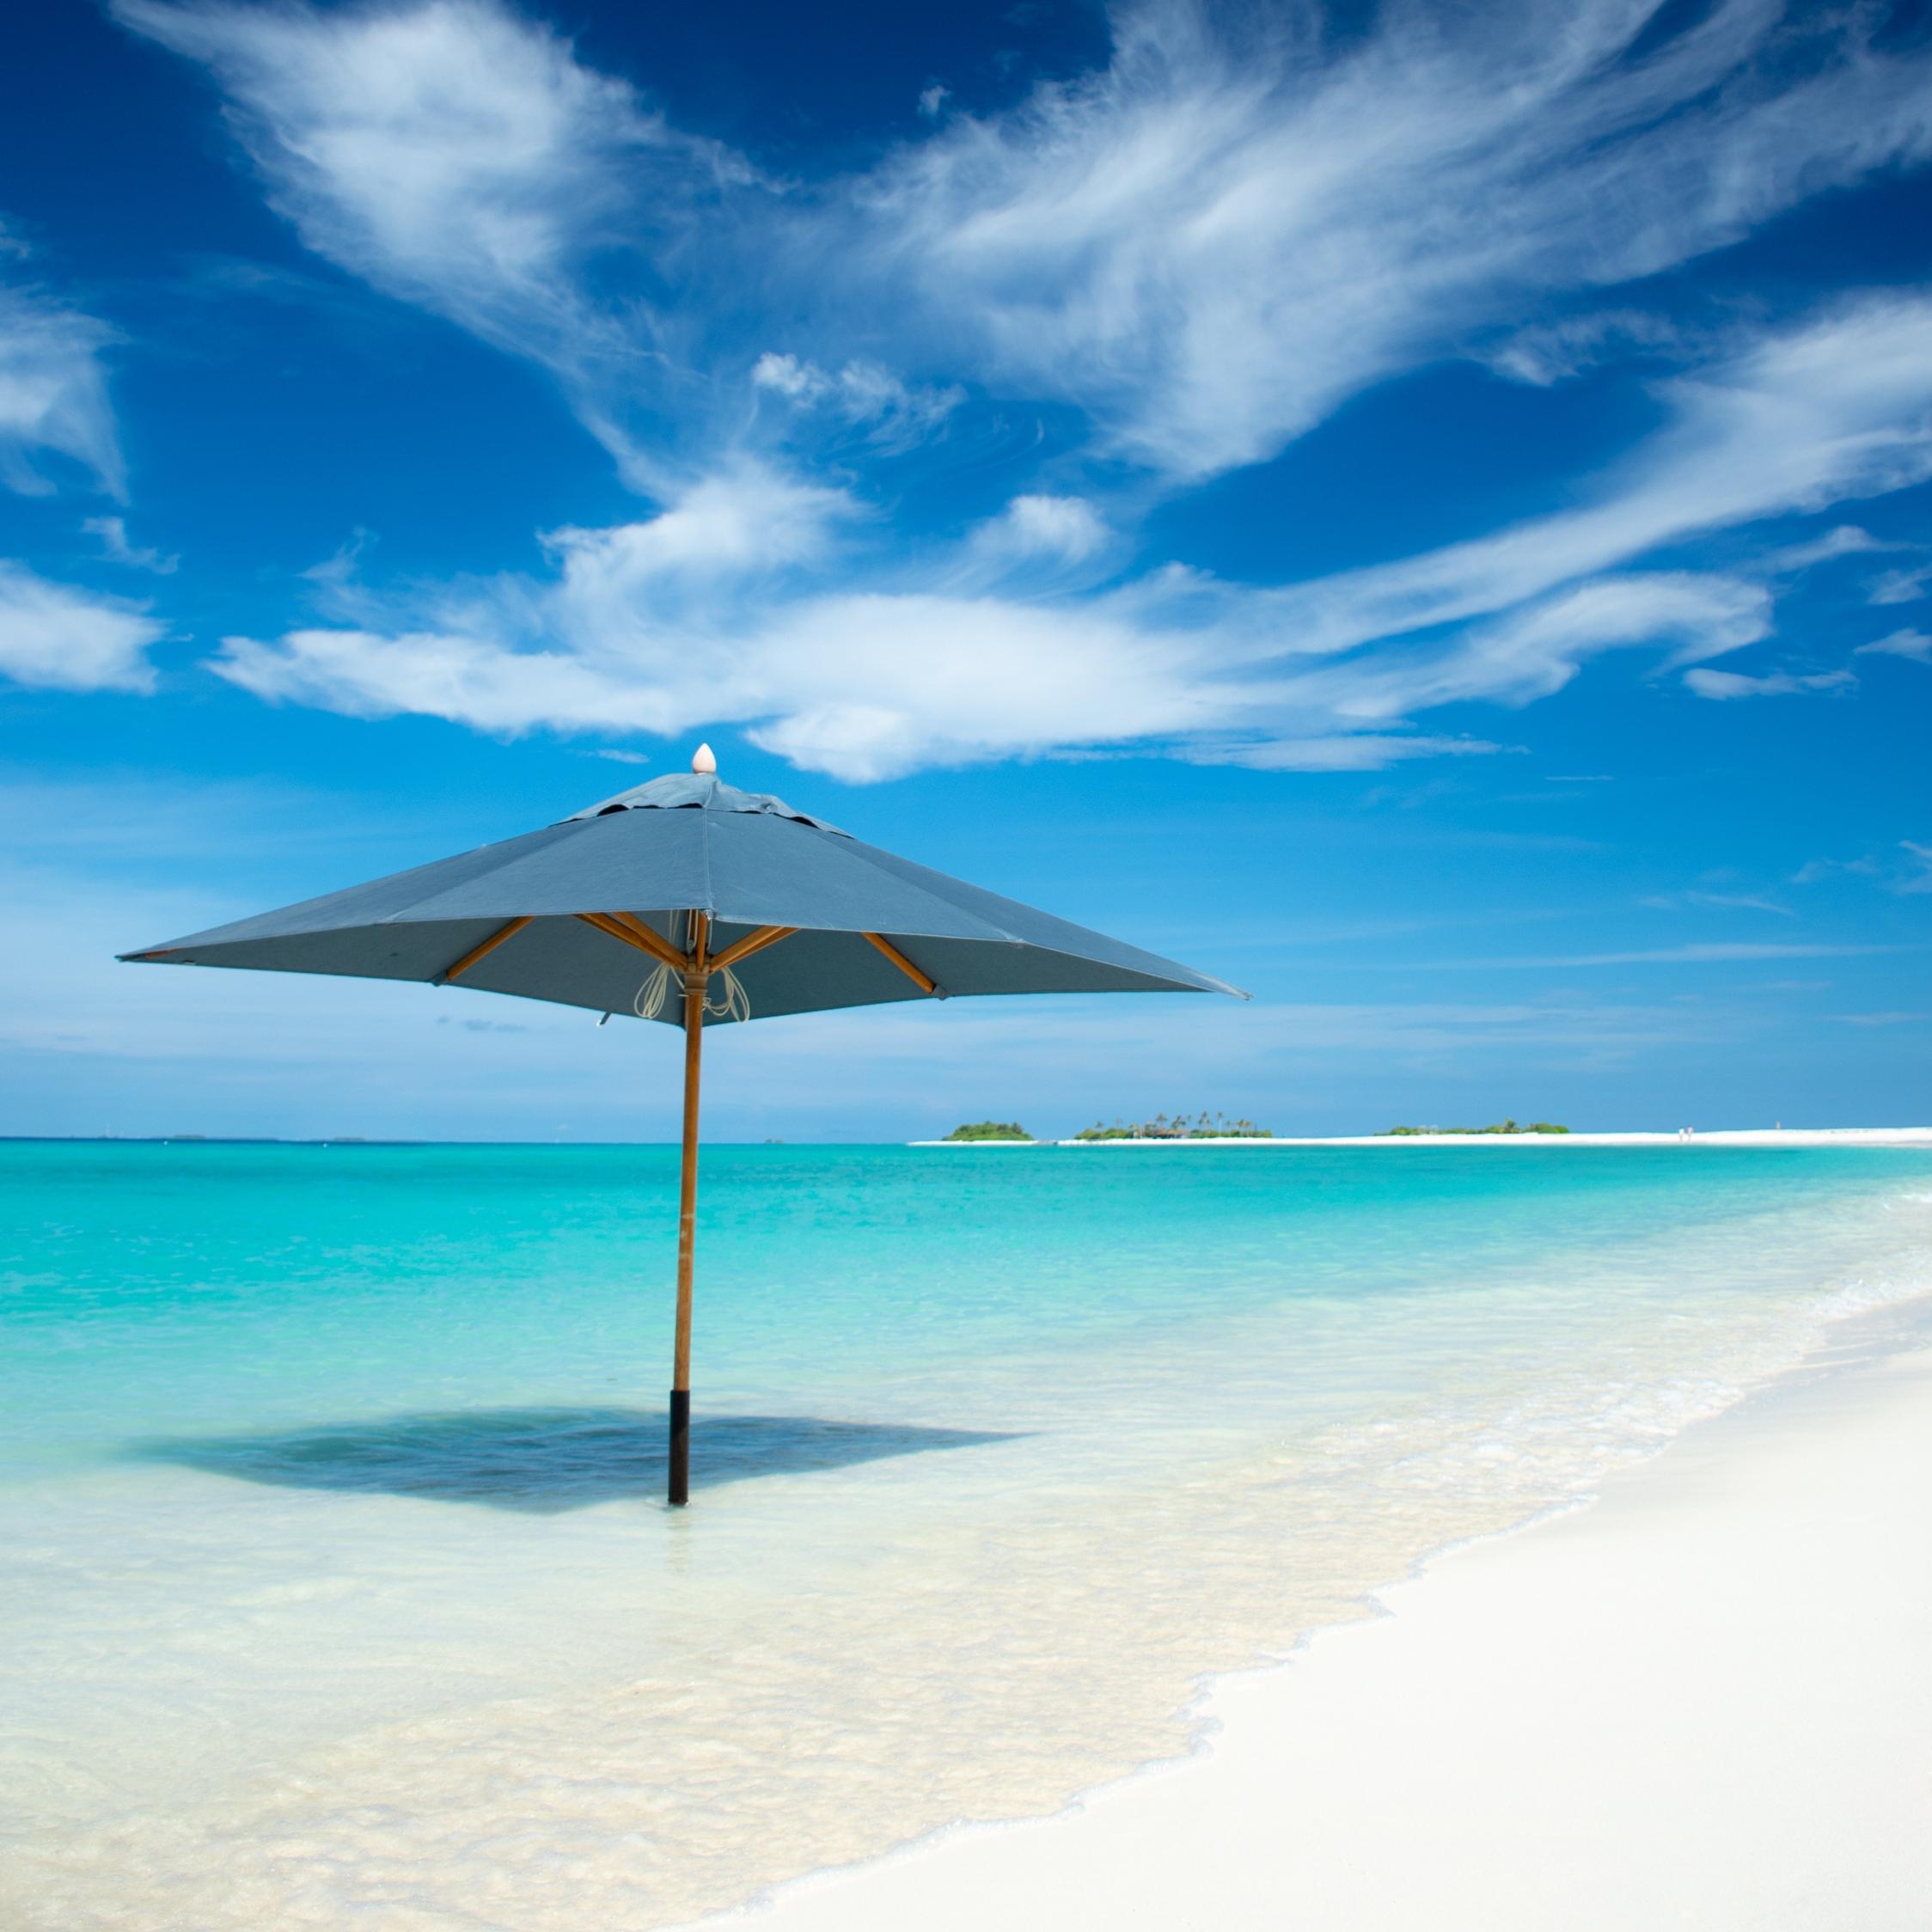 Download 2248x2248 Wallpaper Umbrella Beach Tropical